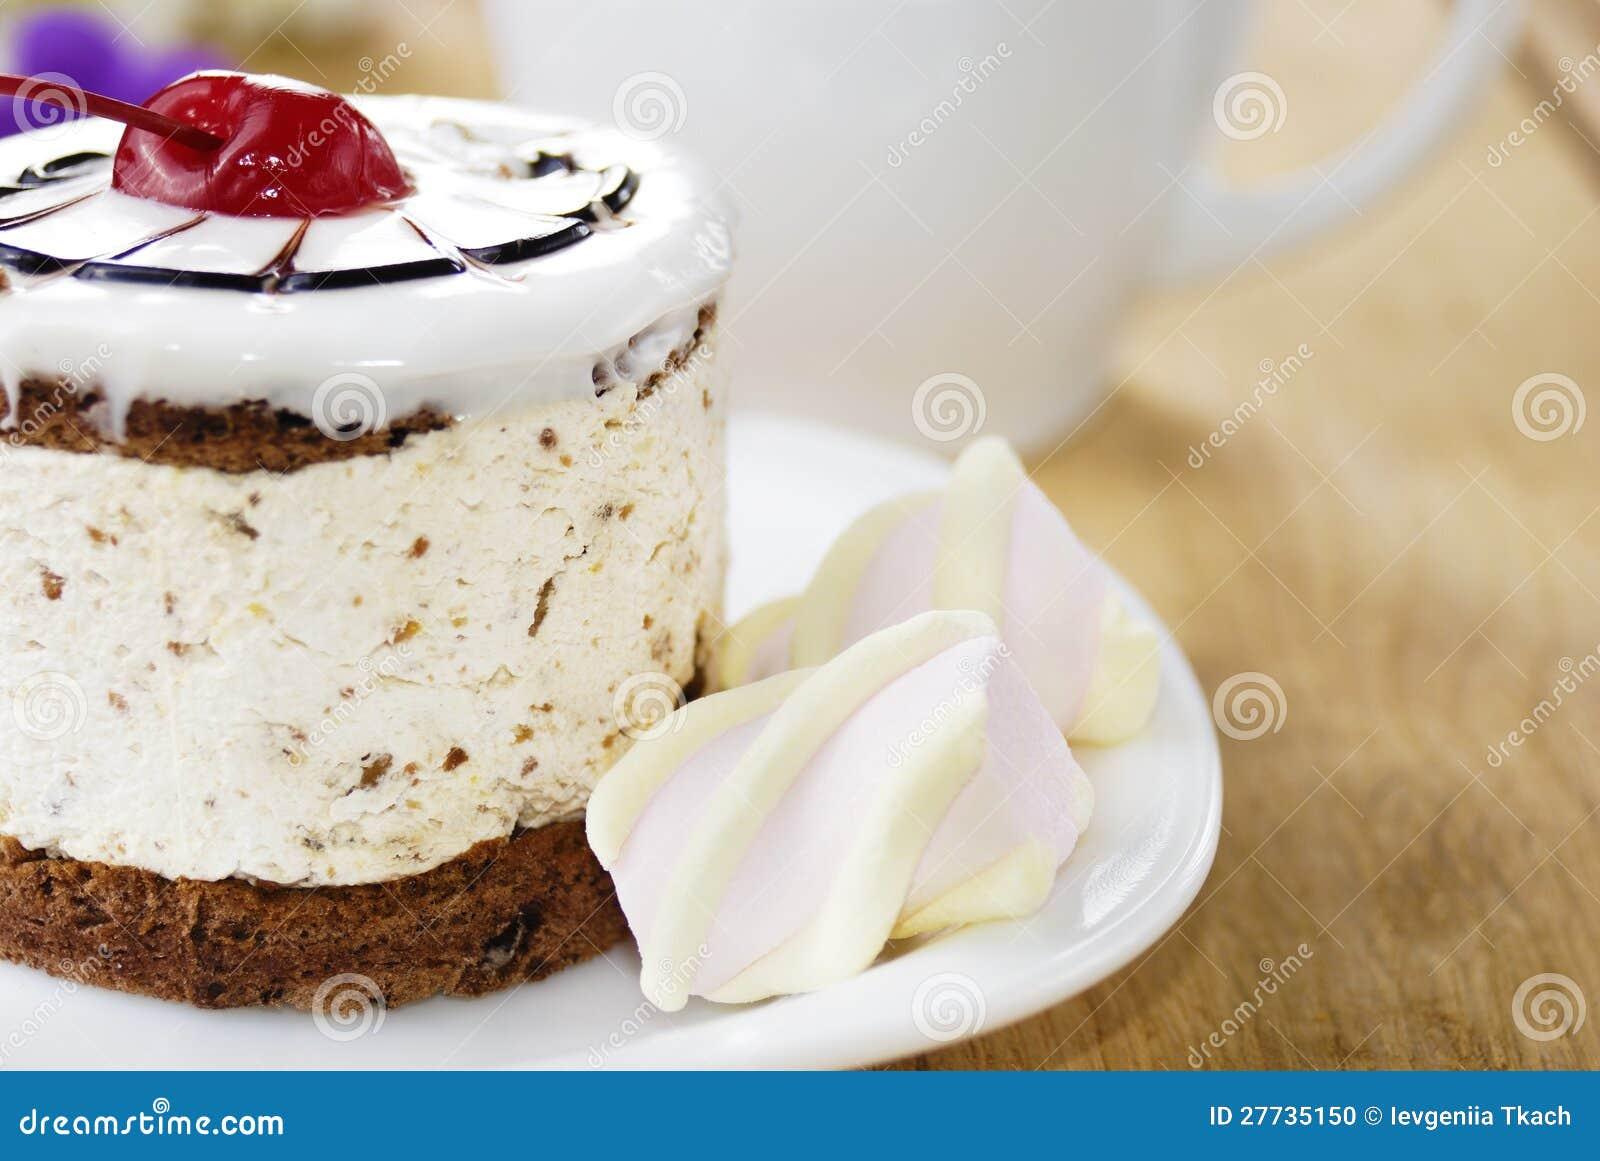 Heißer Kaffee und geschmackvoller Kuchen